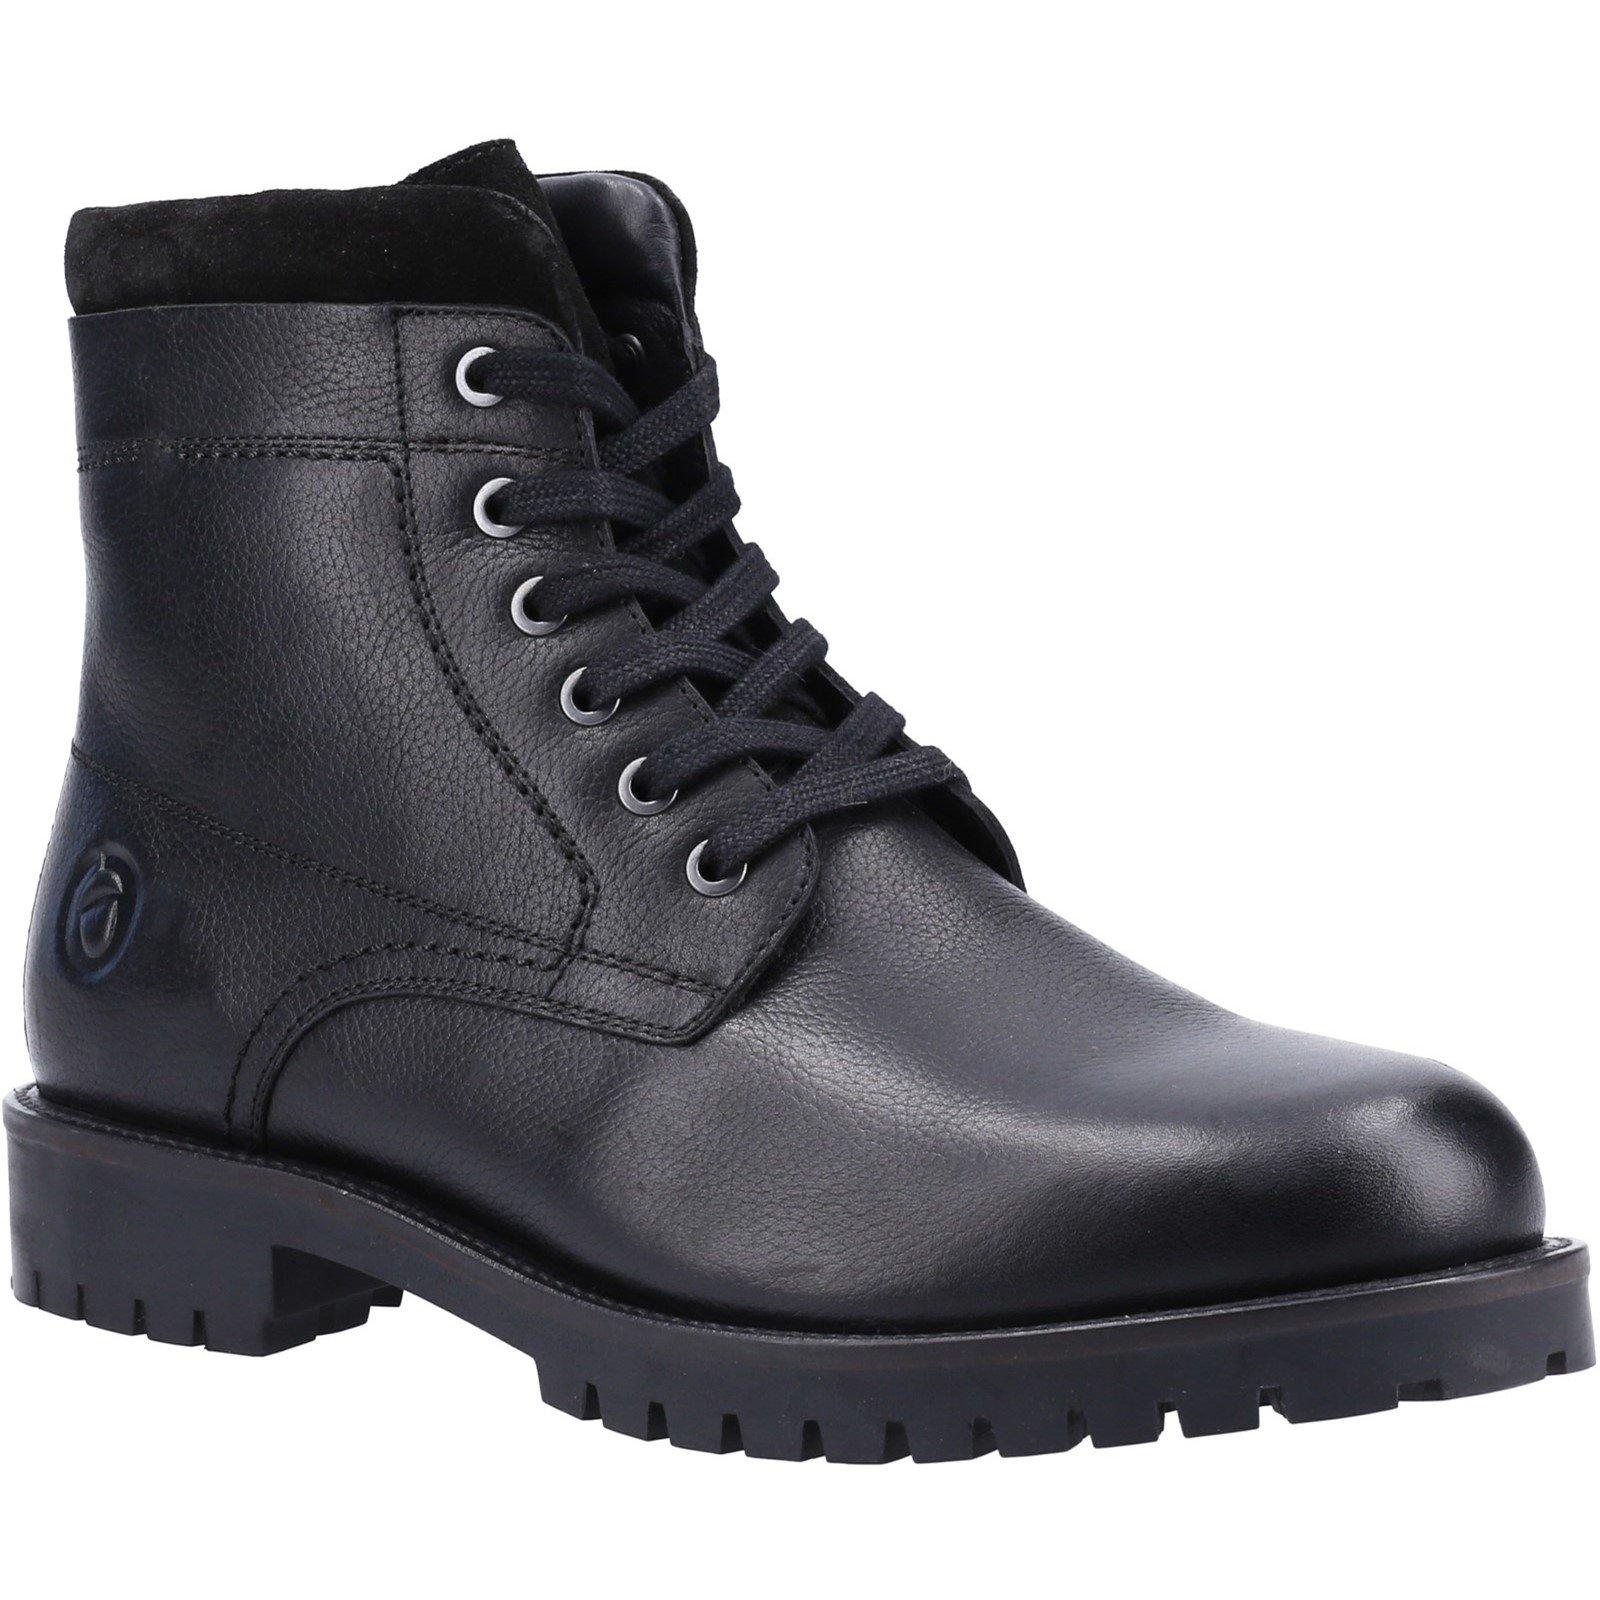 Cotswold Men's Thorsbury Lace Up Shoe Boot Various Colours 32963 - Black 7